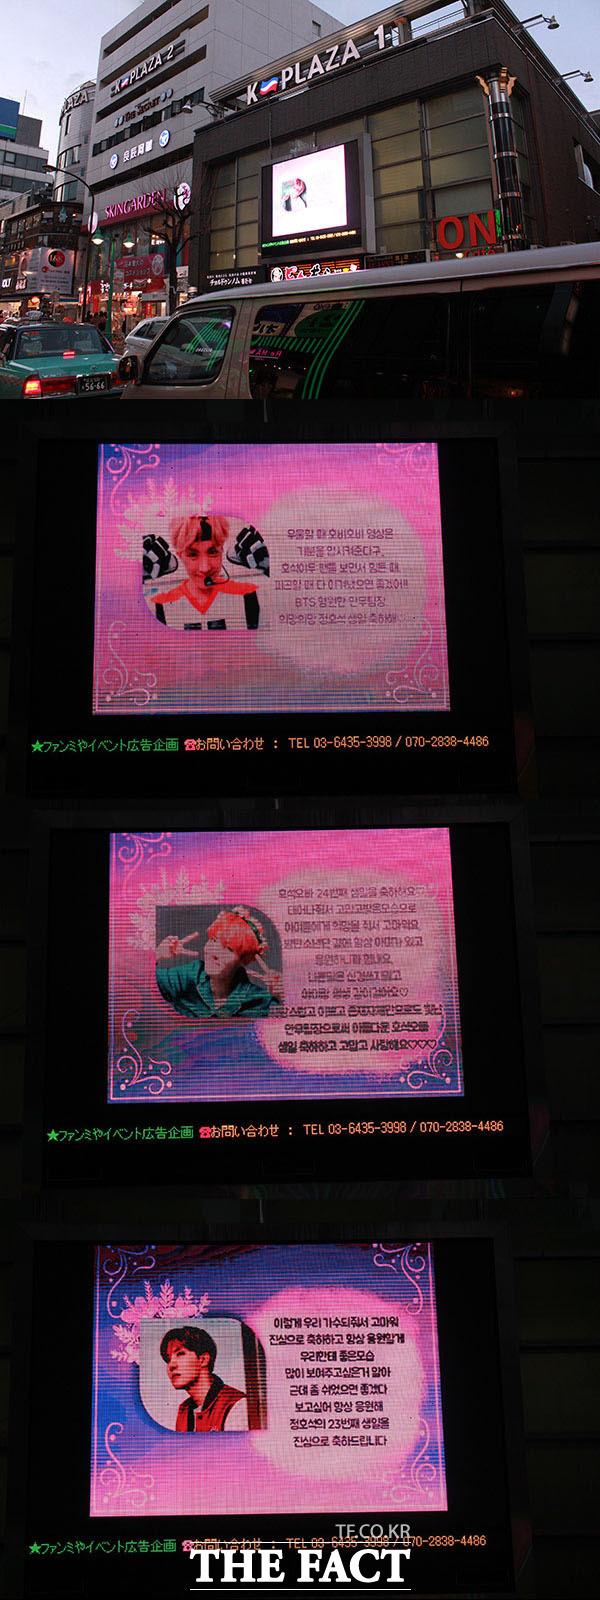 '클릭스타워즈'가 그룹 방탄소년단 제이홉의 생일을 축하하는 전광판을 공개했다. 도쿄 한류거리에서 오는 22일까지 상영될 예정이다. /클릭스타워즈 제공